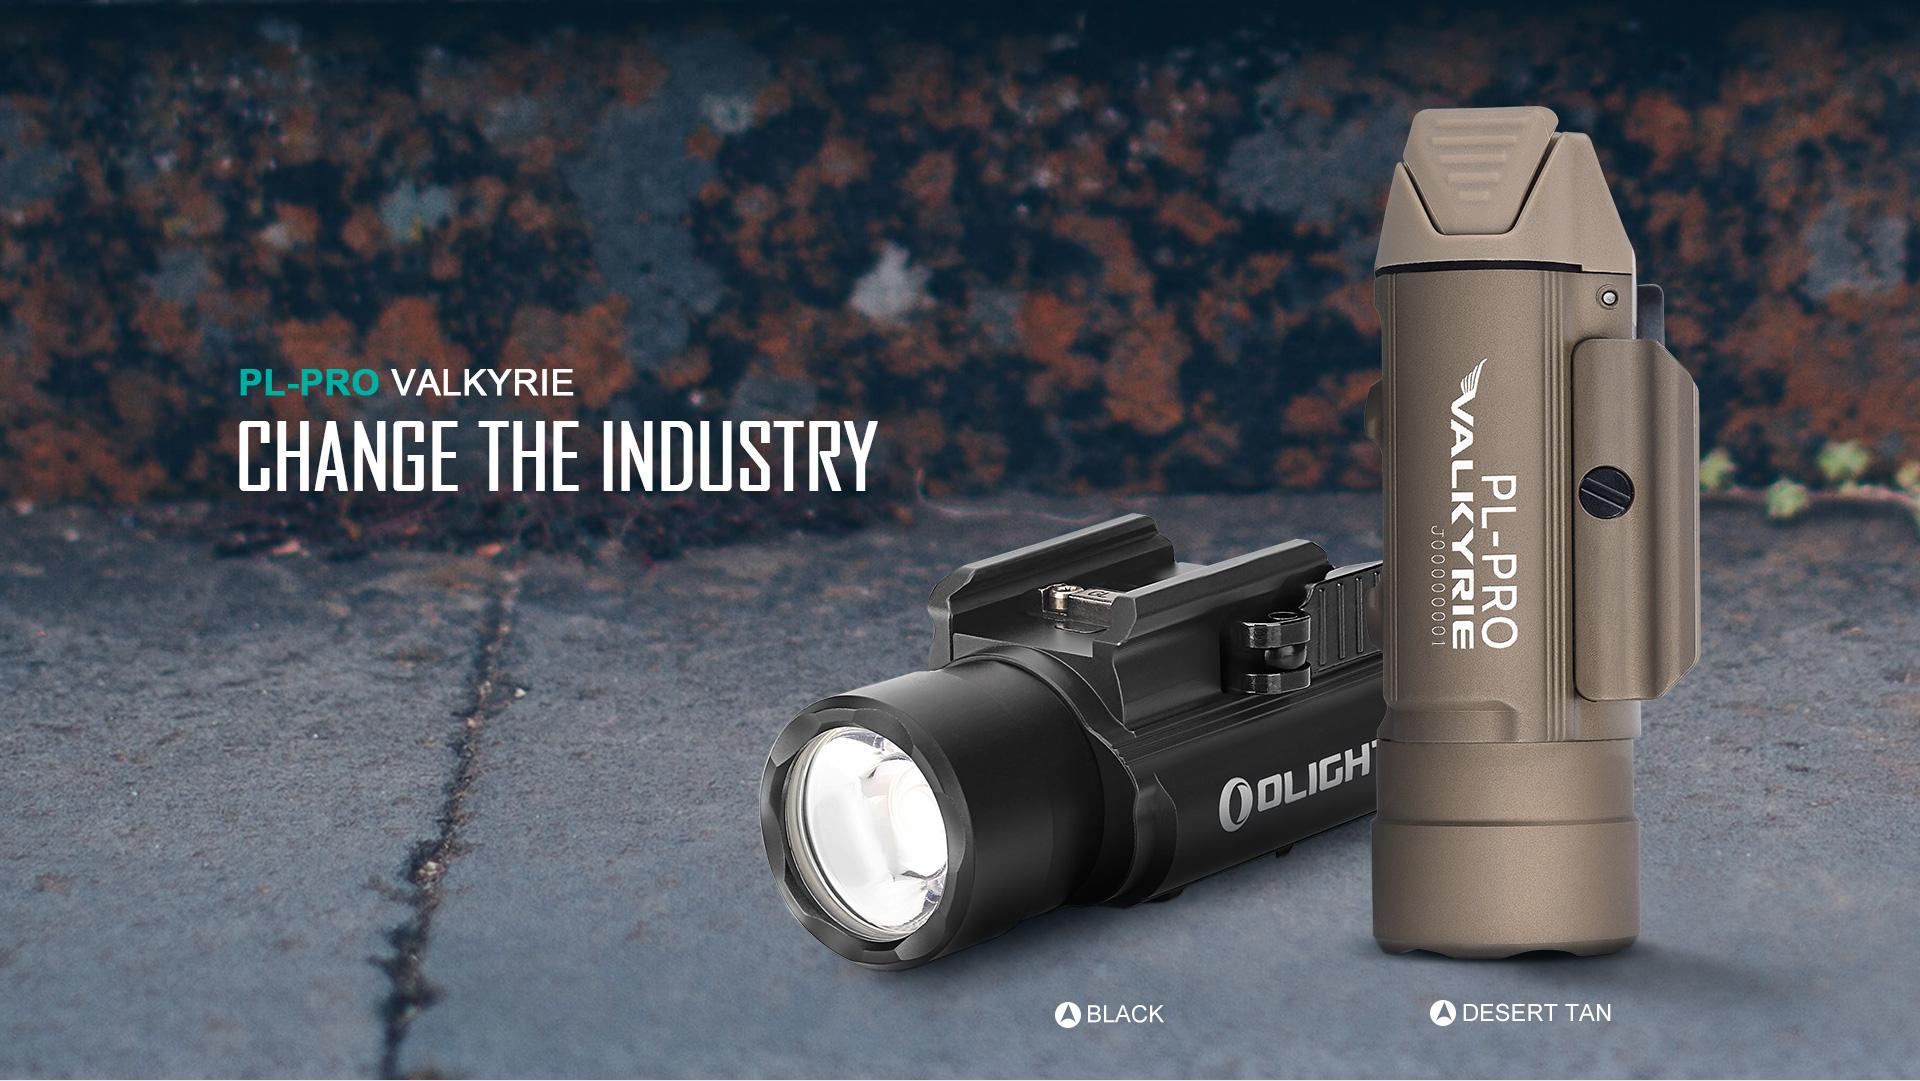 PL-Pro tactical rail light rechargeable